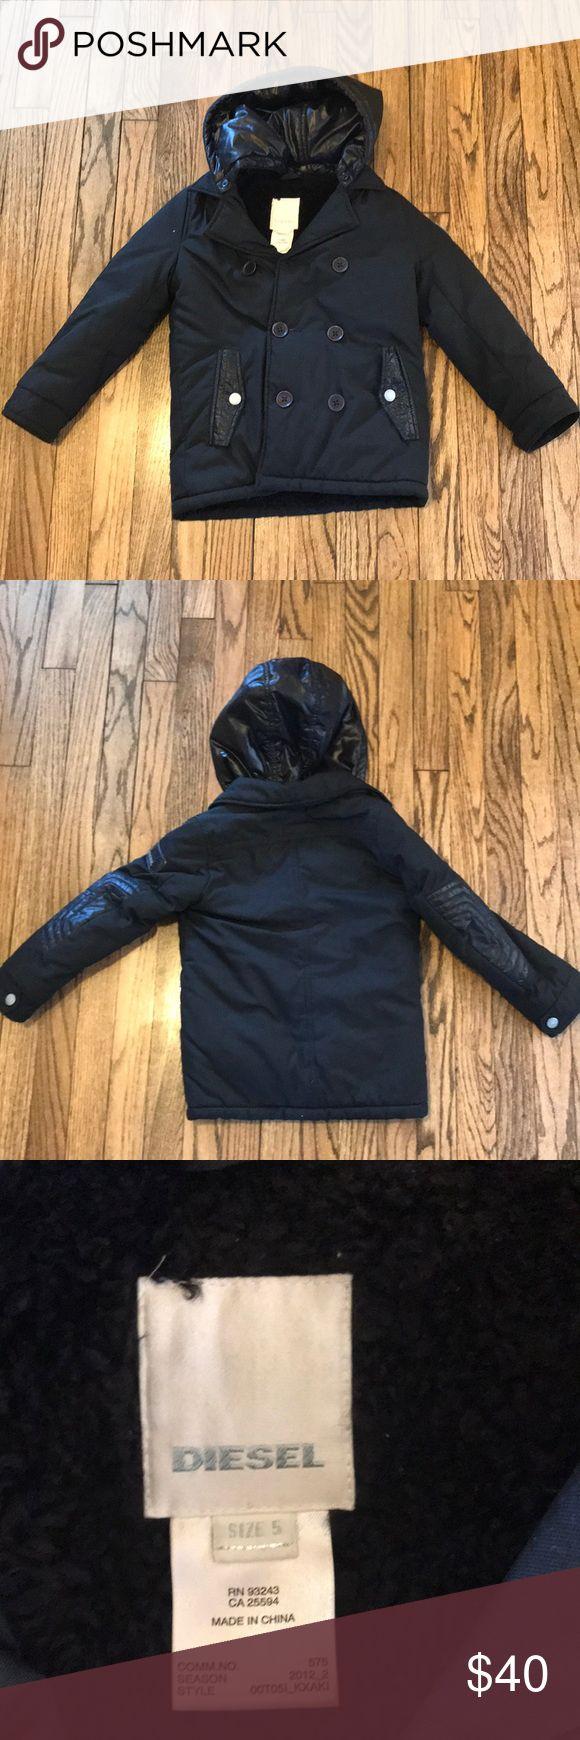 Boys Diesel coat size 5 Boys black Diesel coat sherpa lined with detachable hood size 5 Diesel Jackets & Coats Puffers